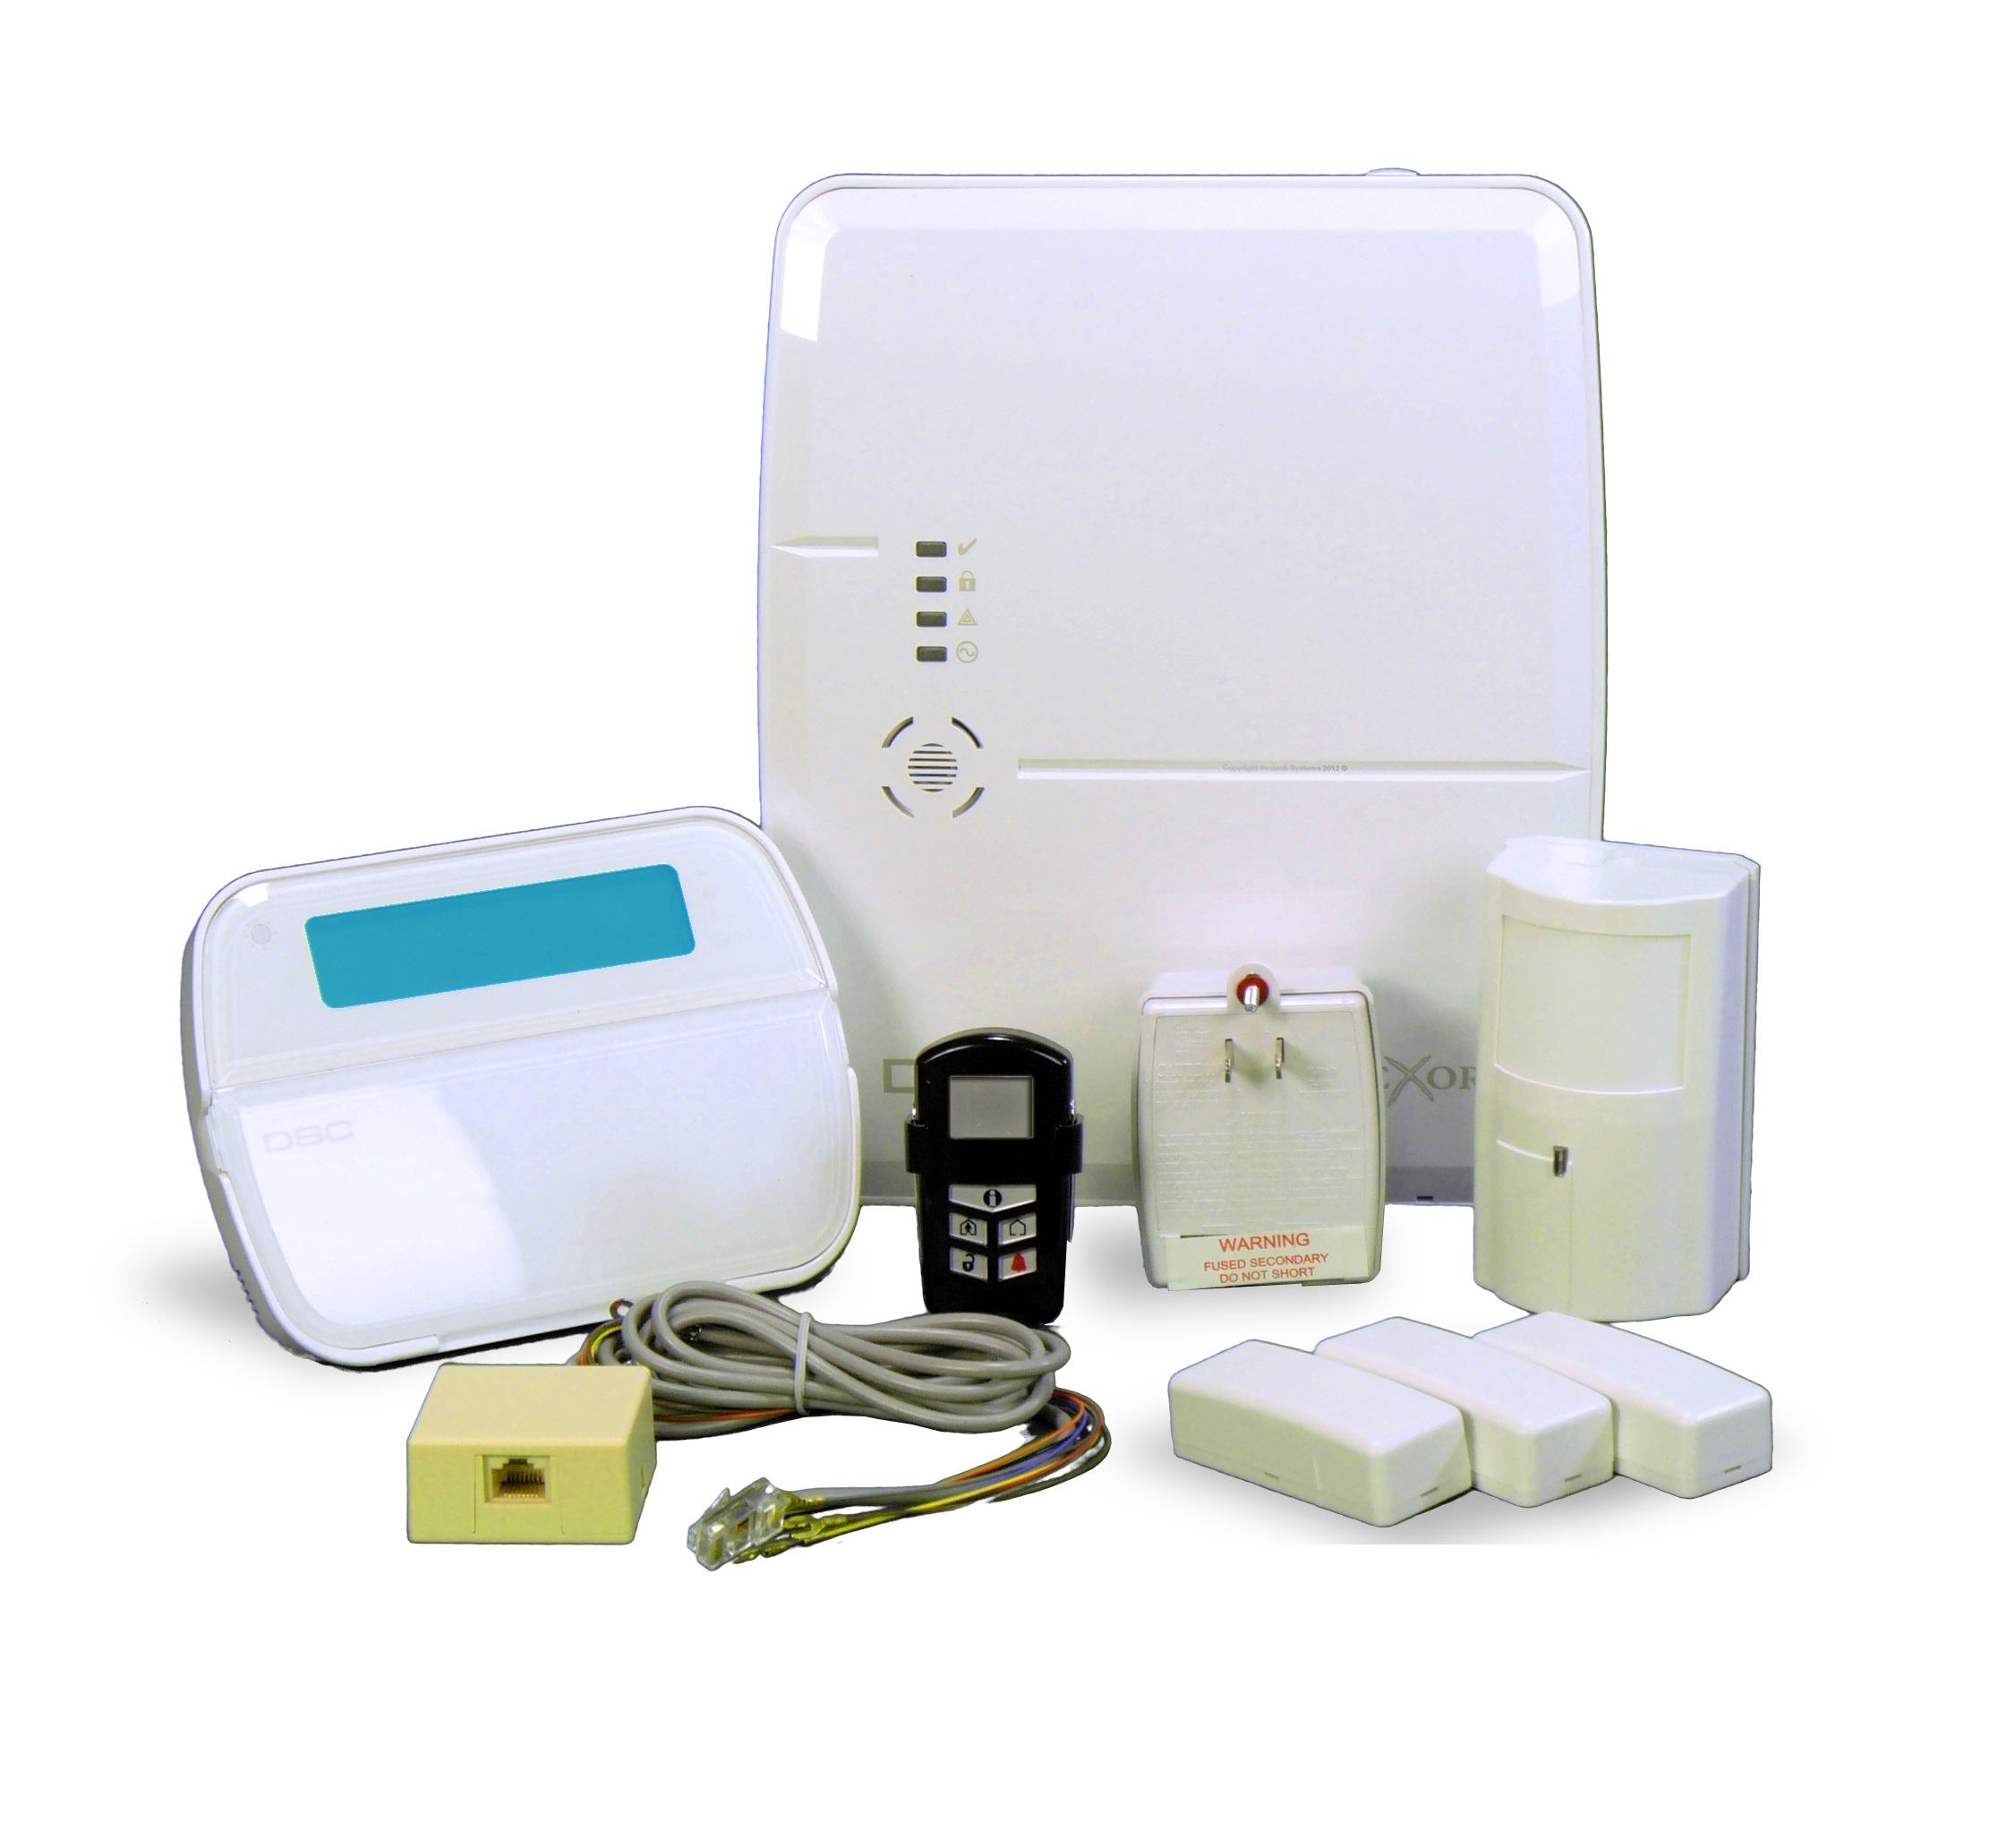 Ασύρματο σύστημα ασφαλείας 868MHz